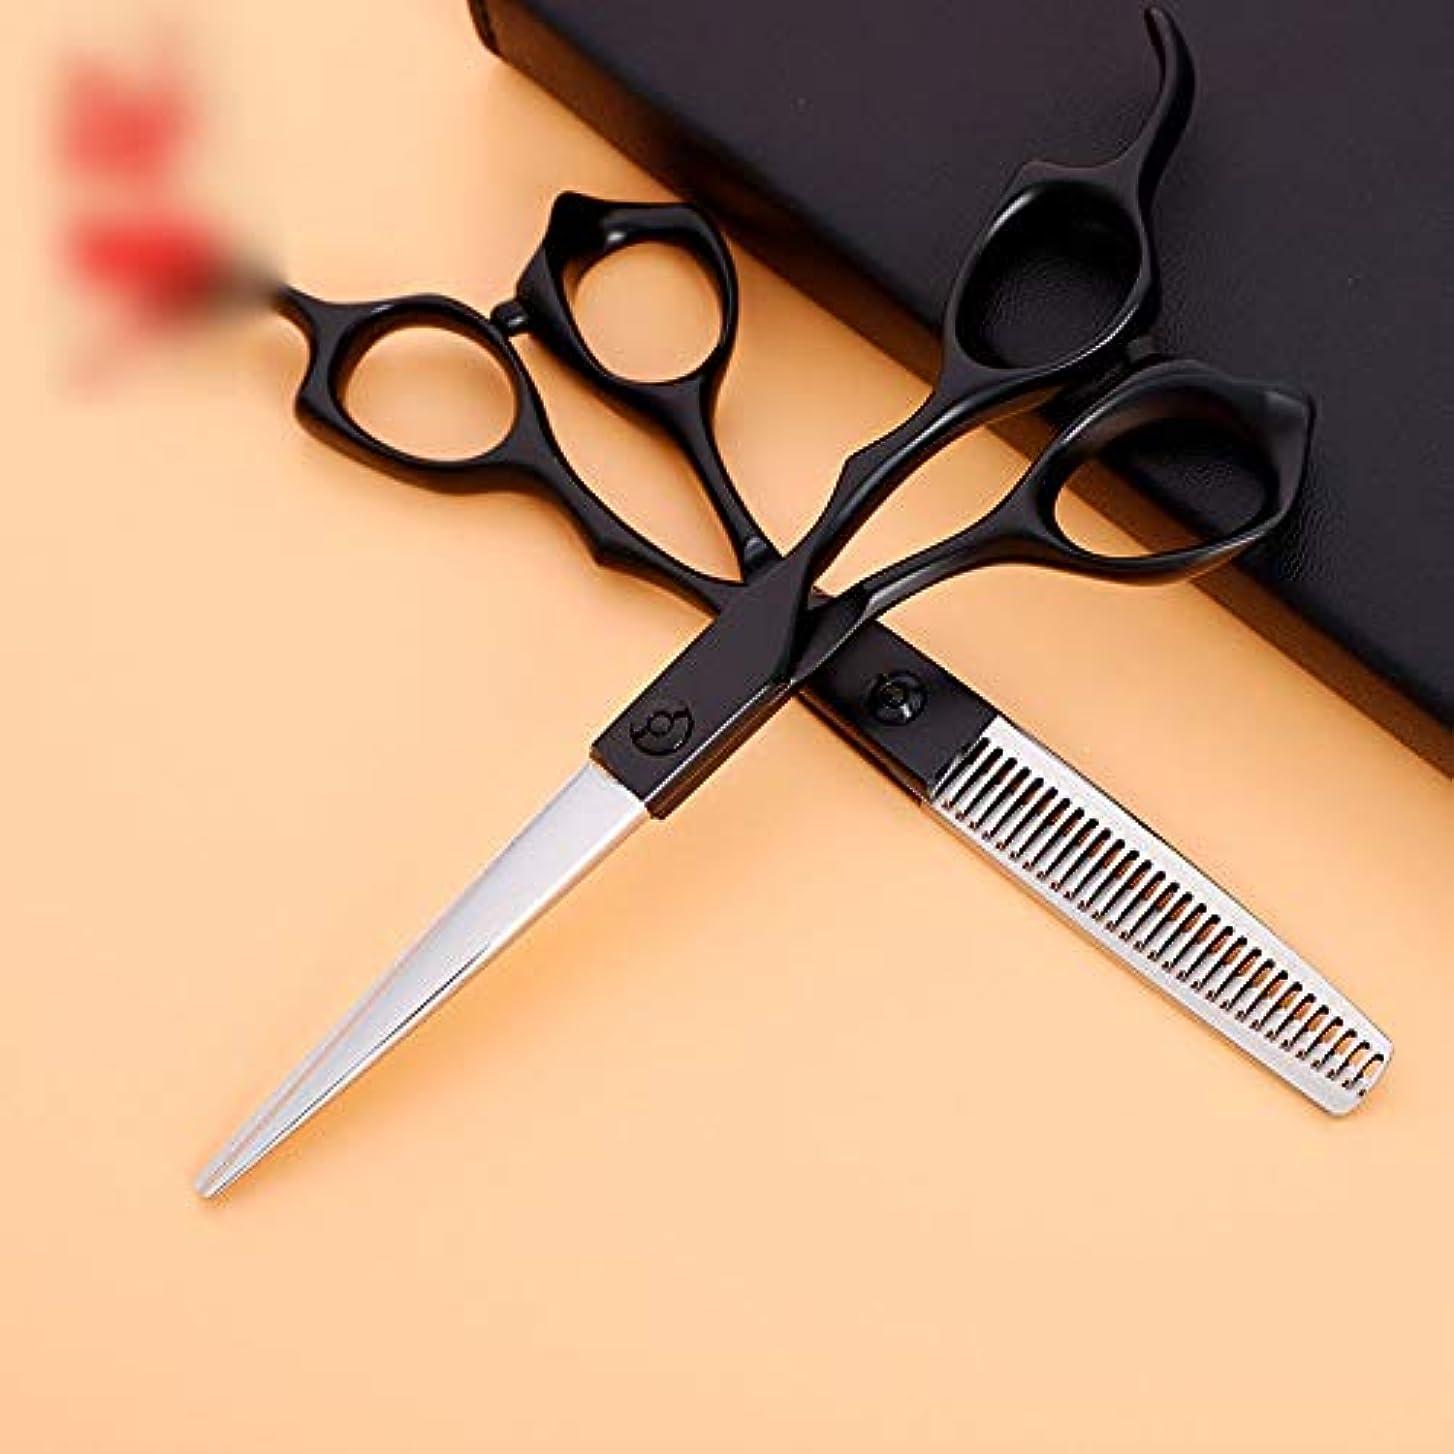 敬の念野心支払いWASAIO シアーズはさみプロフェッショナル口ひげトリミング武装具間伐キット美容院理髪セットの場所ツール6インチの毛切断 (色 : 黒)